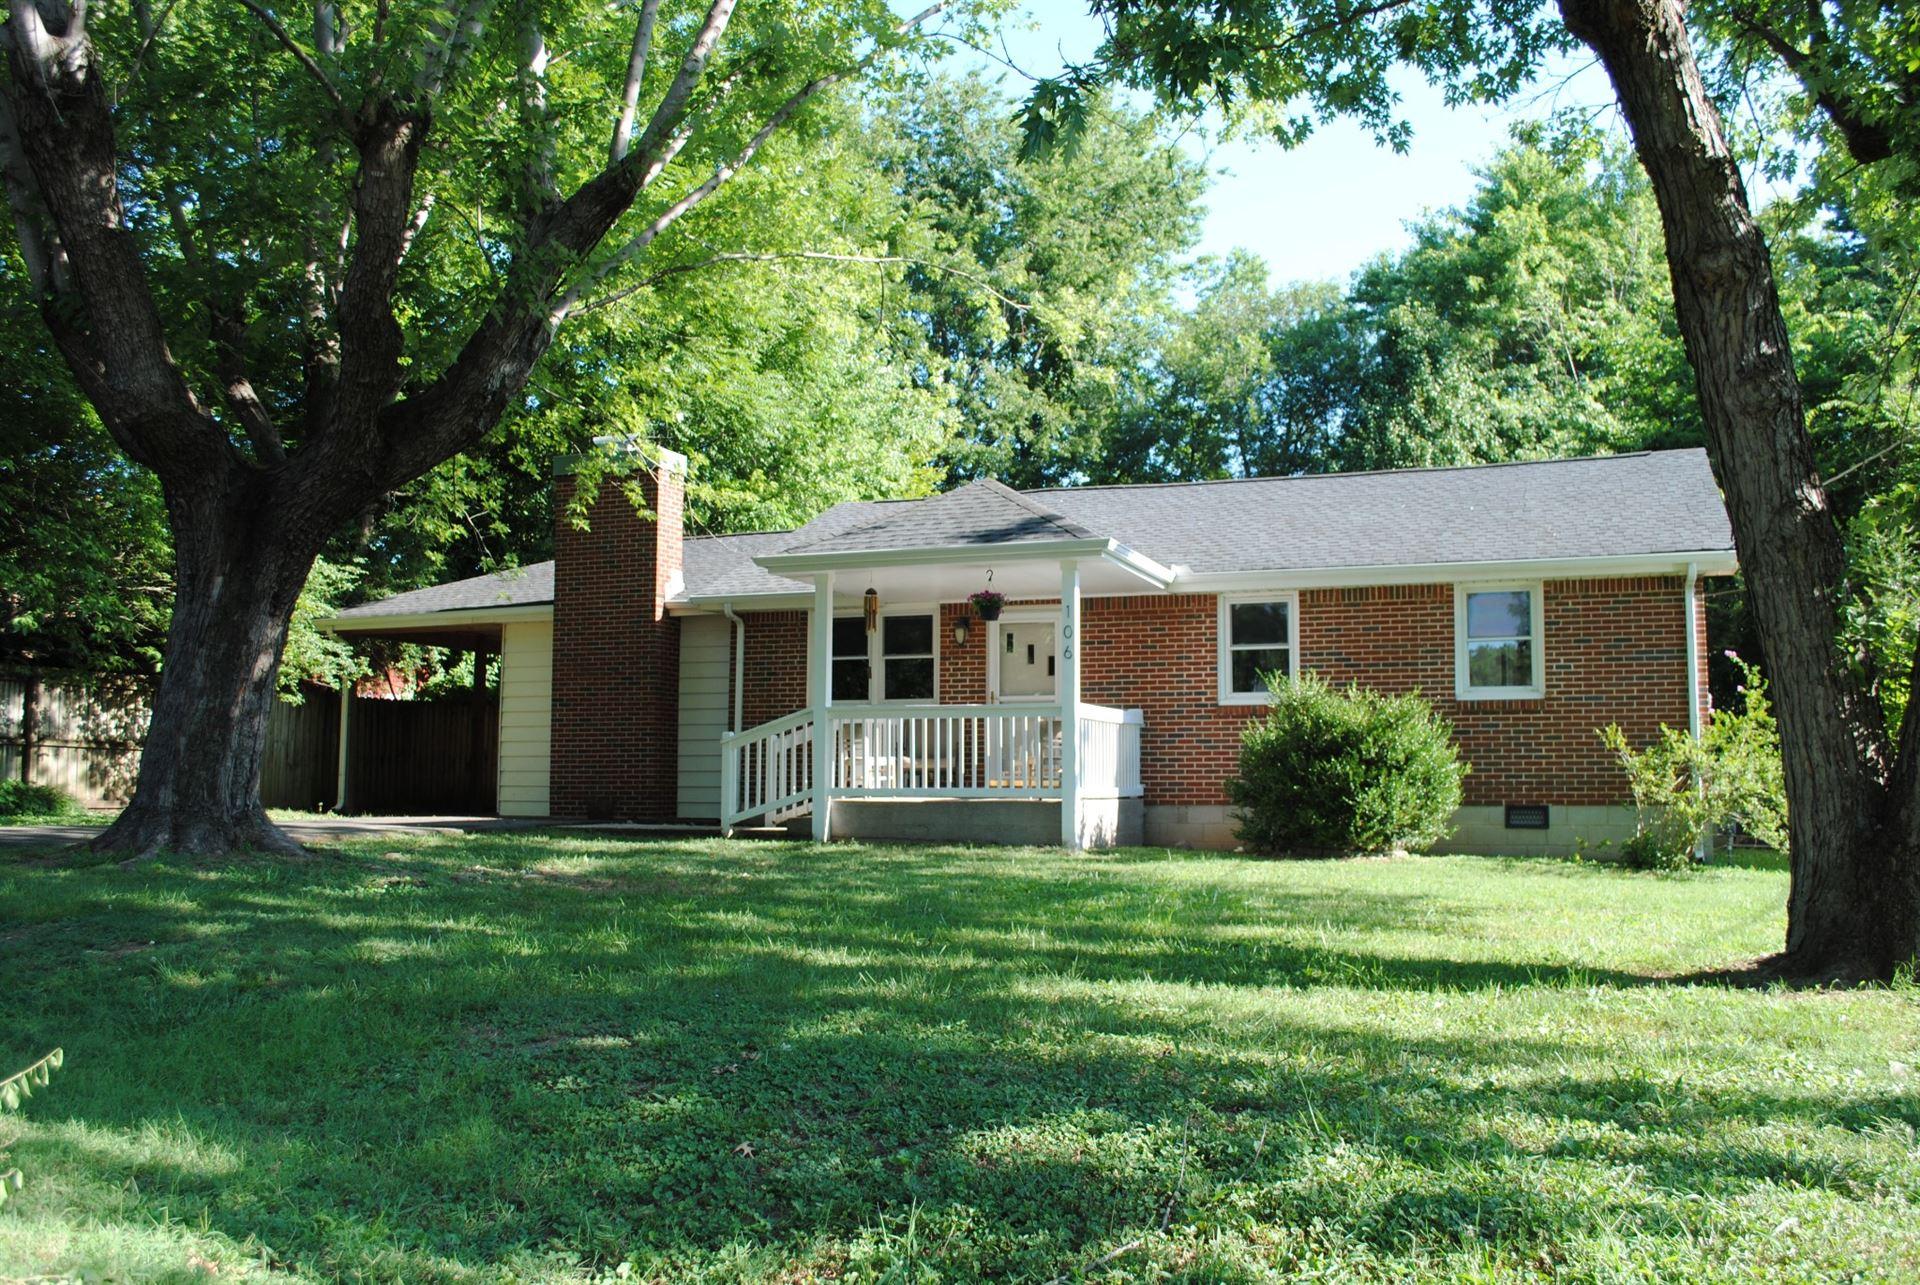 Photo of 106 Sherwood Ter, Franklin, TN 37064 (MLS # 2190967)